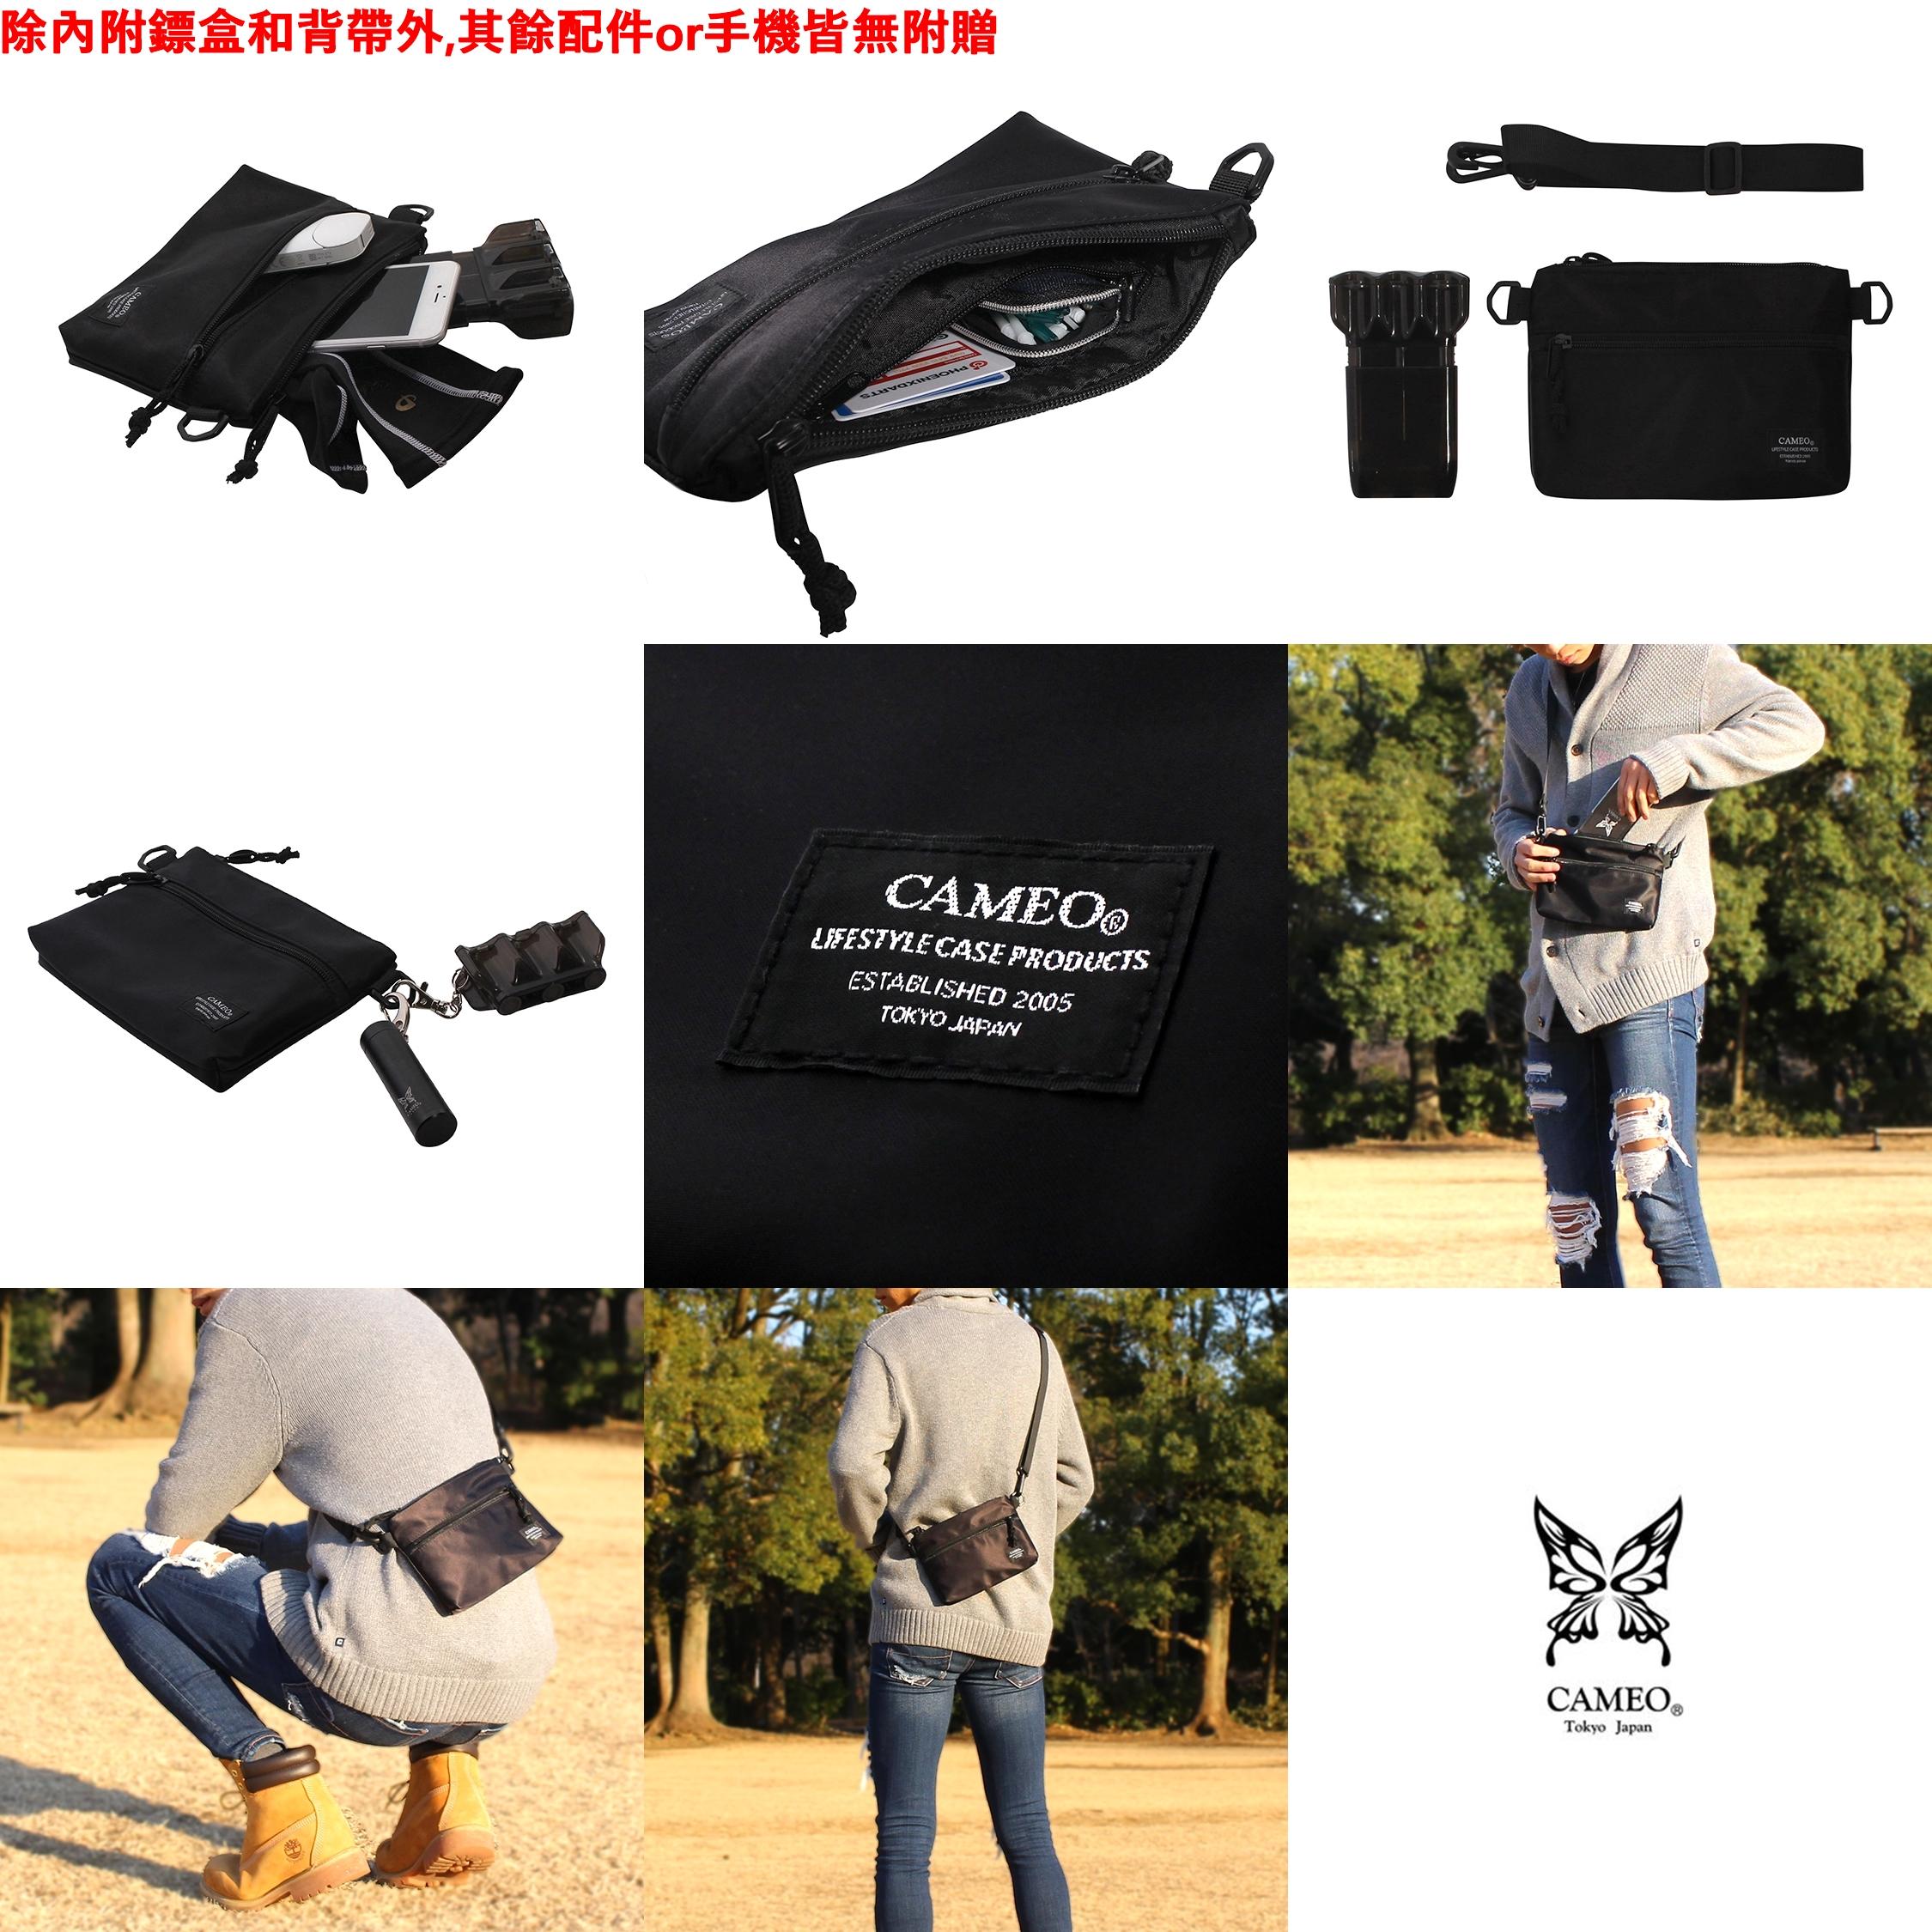 CAMEO-DARTS-CASE-SACOSHE-SMALL-01.jpg